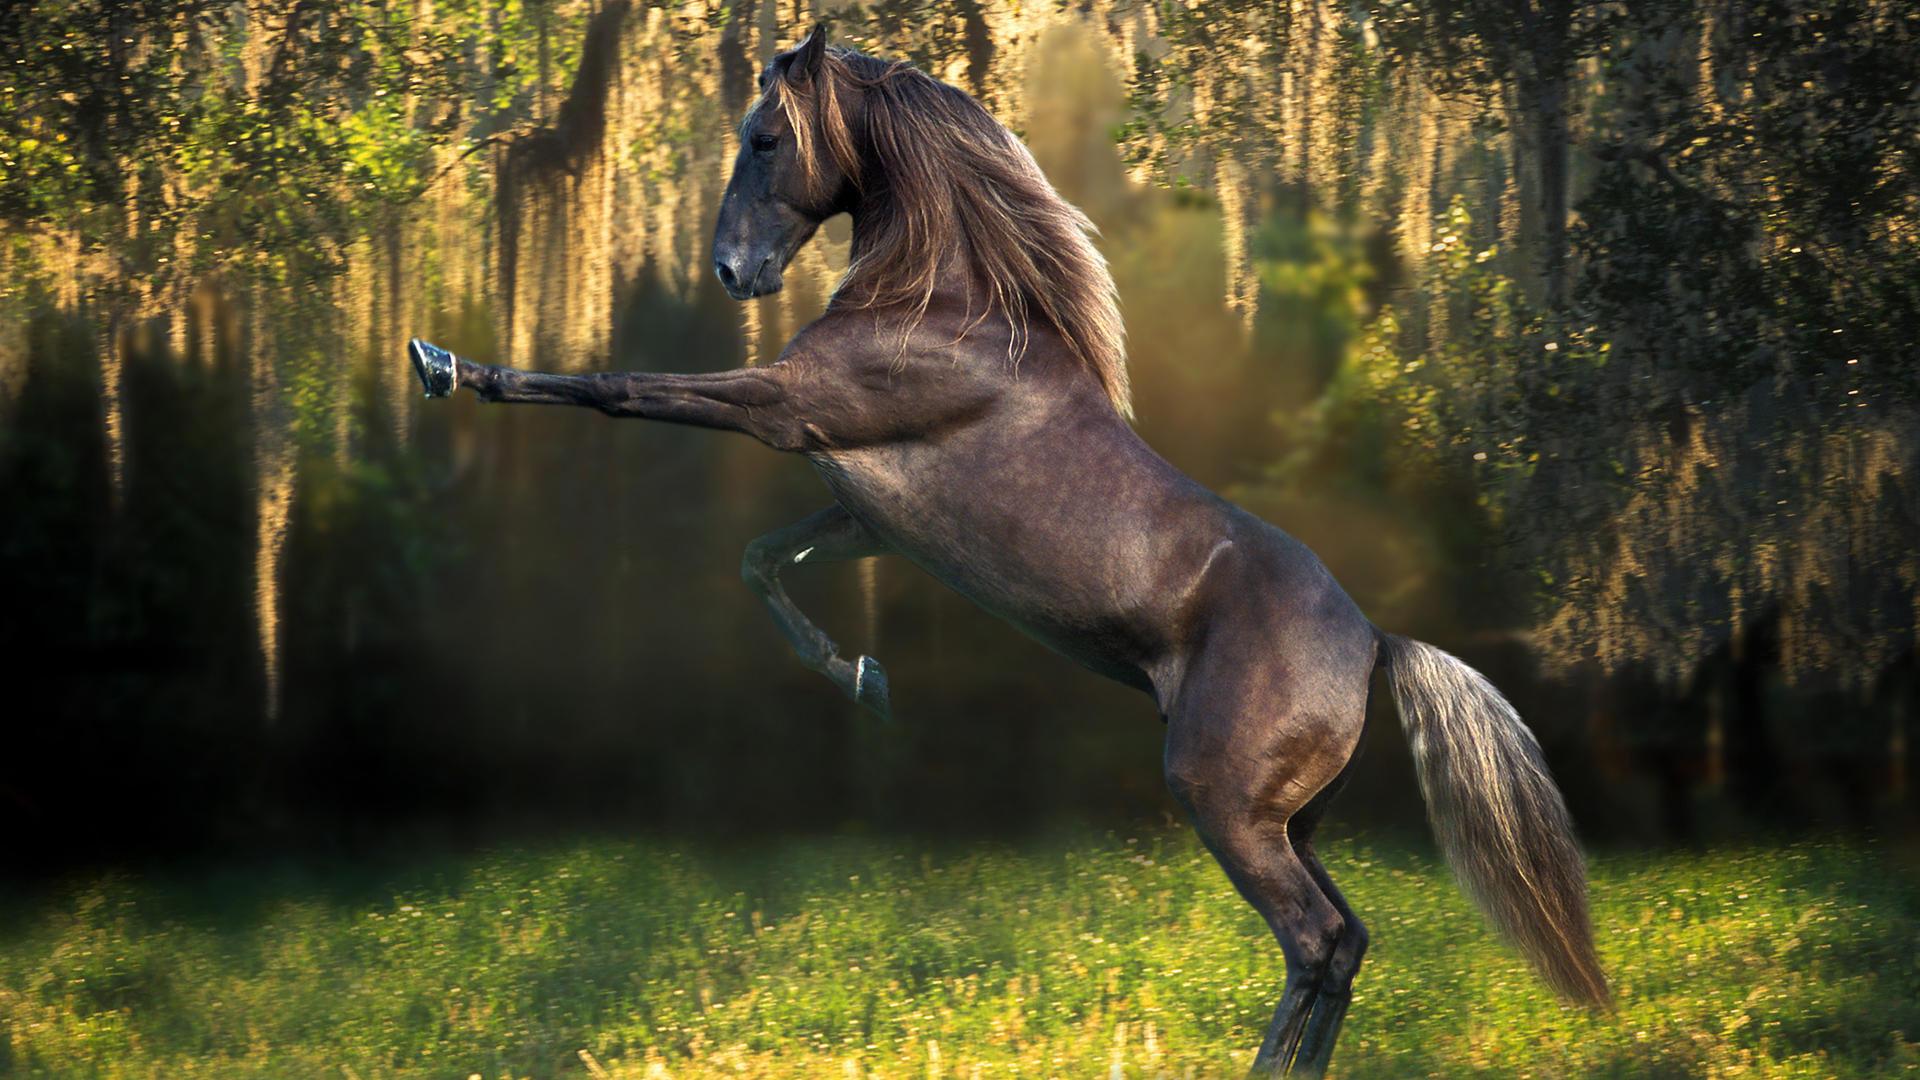 Cool Horse Wallpaper #24386 Wallpaper | High Resolution Wallarthd com